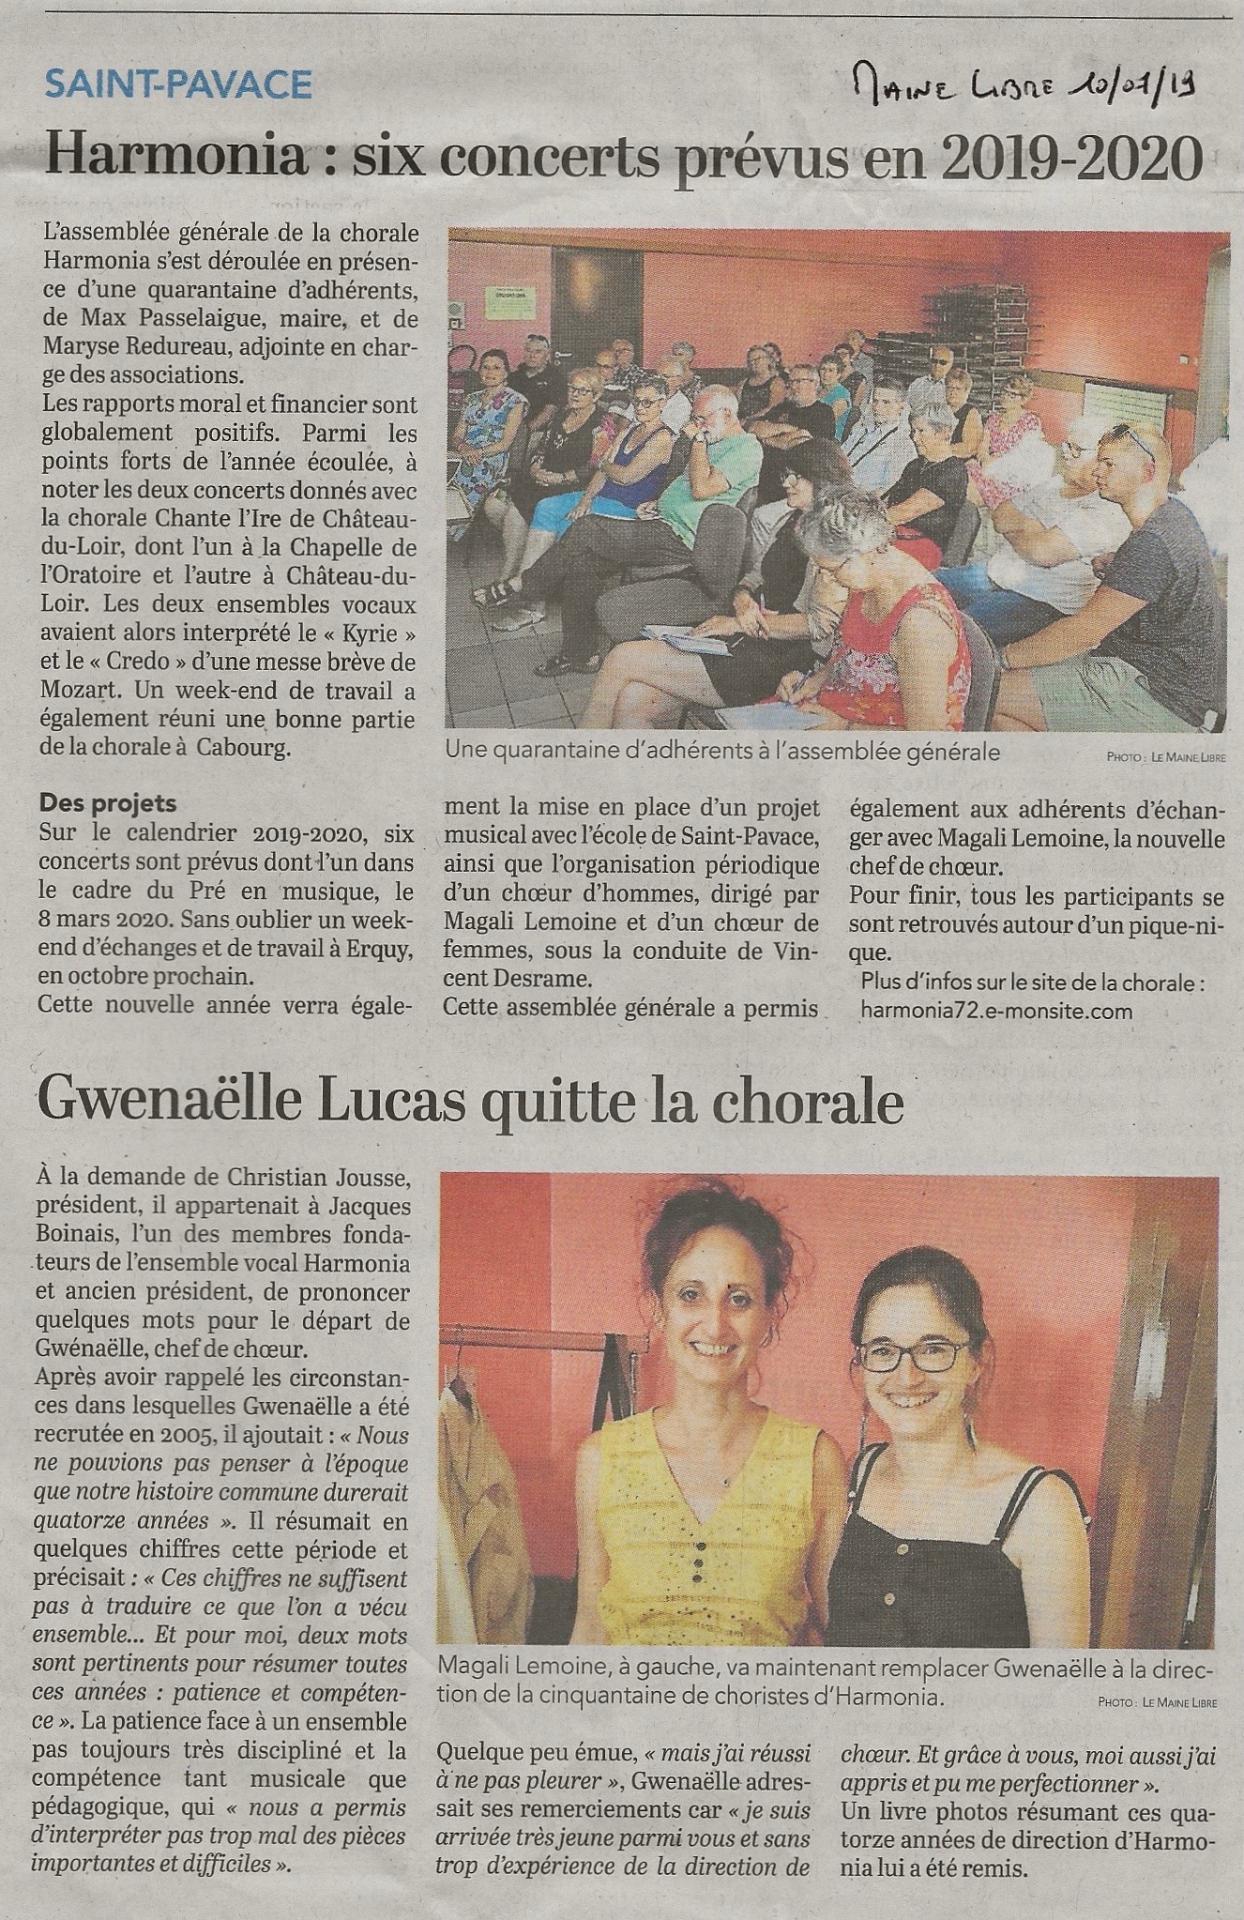 Blog - Les news de la chorale Harmonia de St Pavace